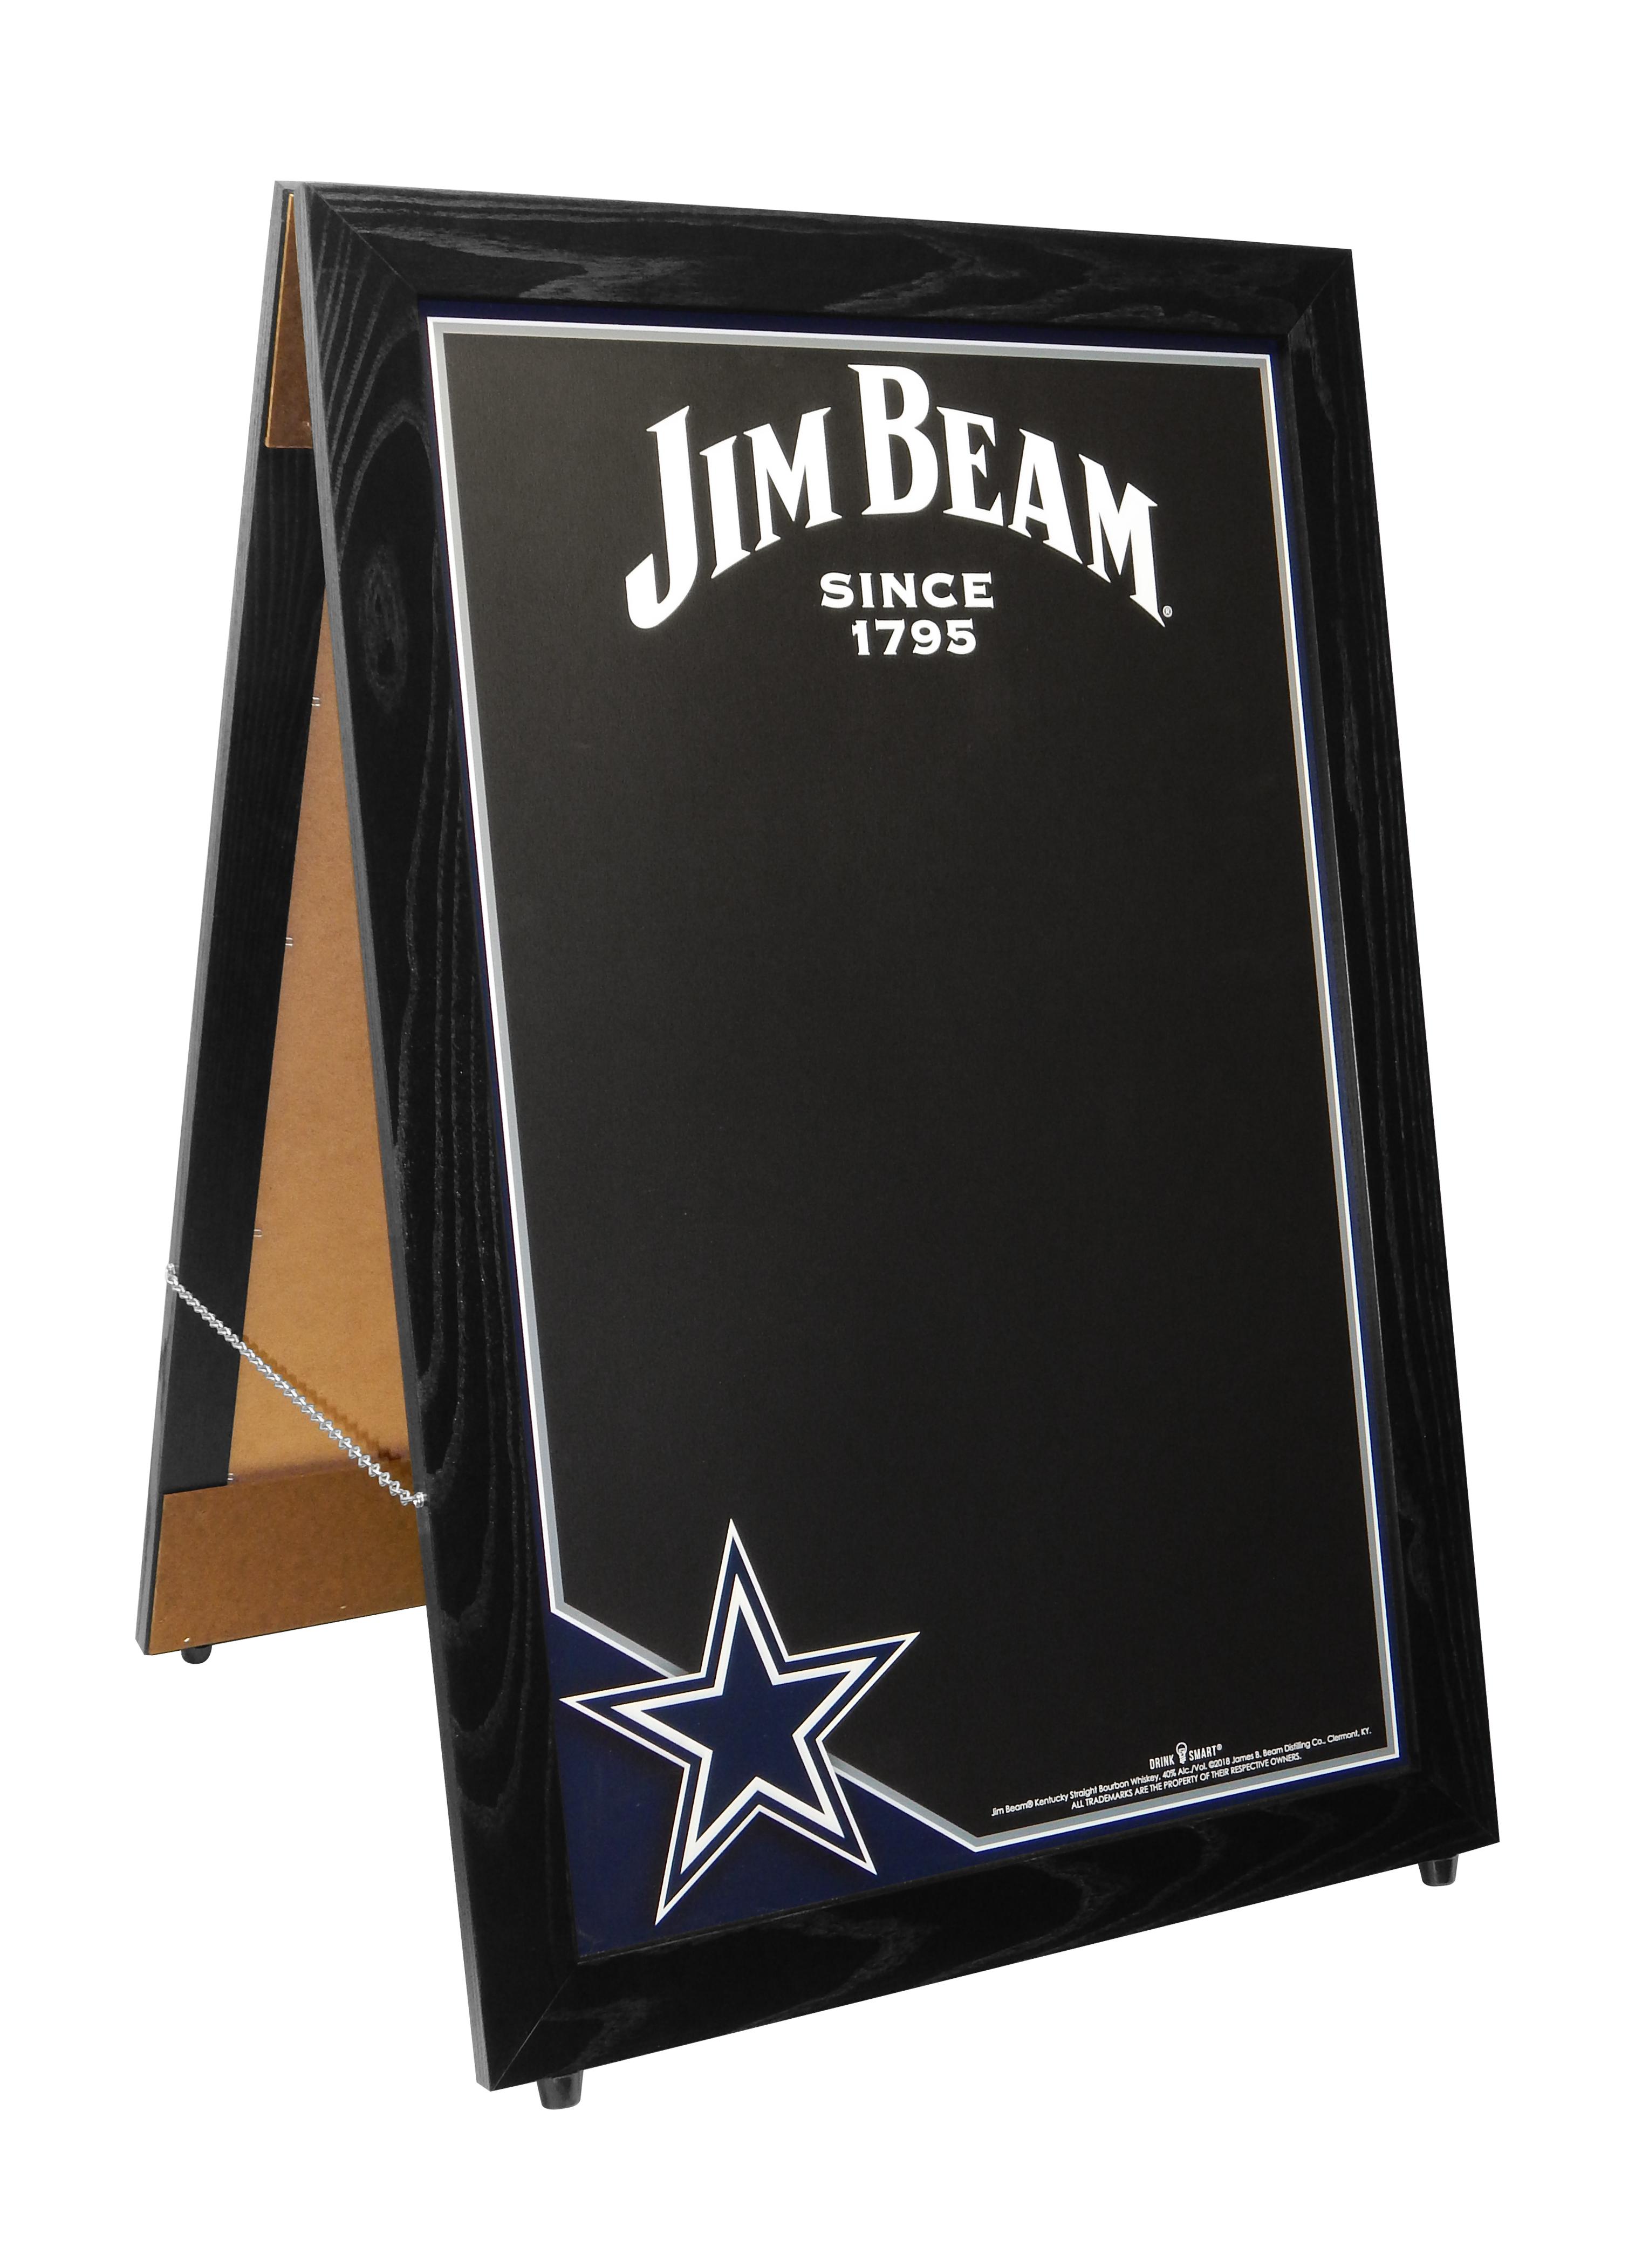 IMW-178 Jim Beam Cowboys A-Frame 6-27-18